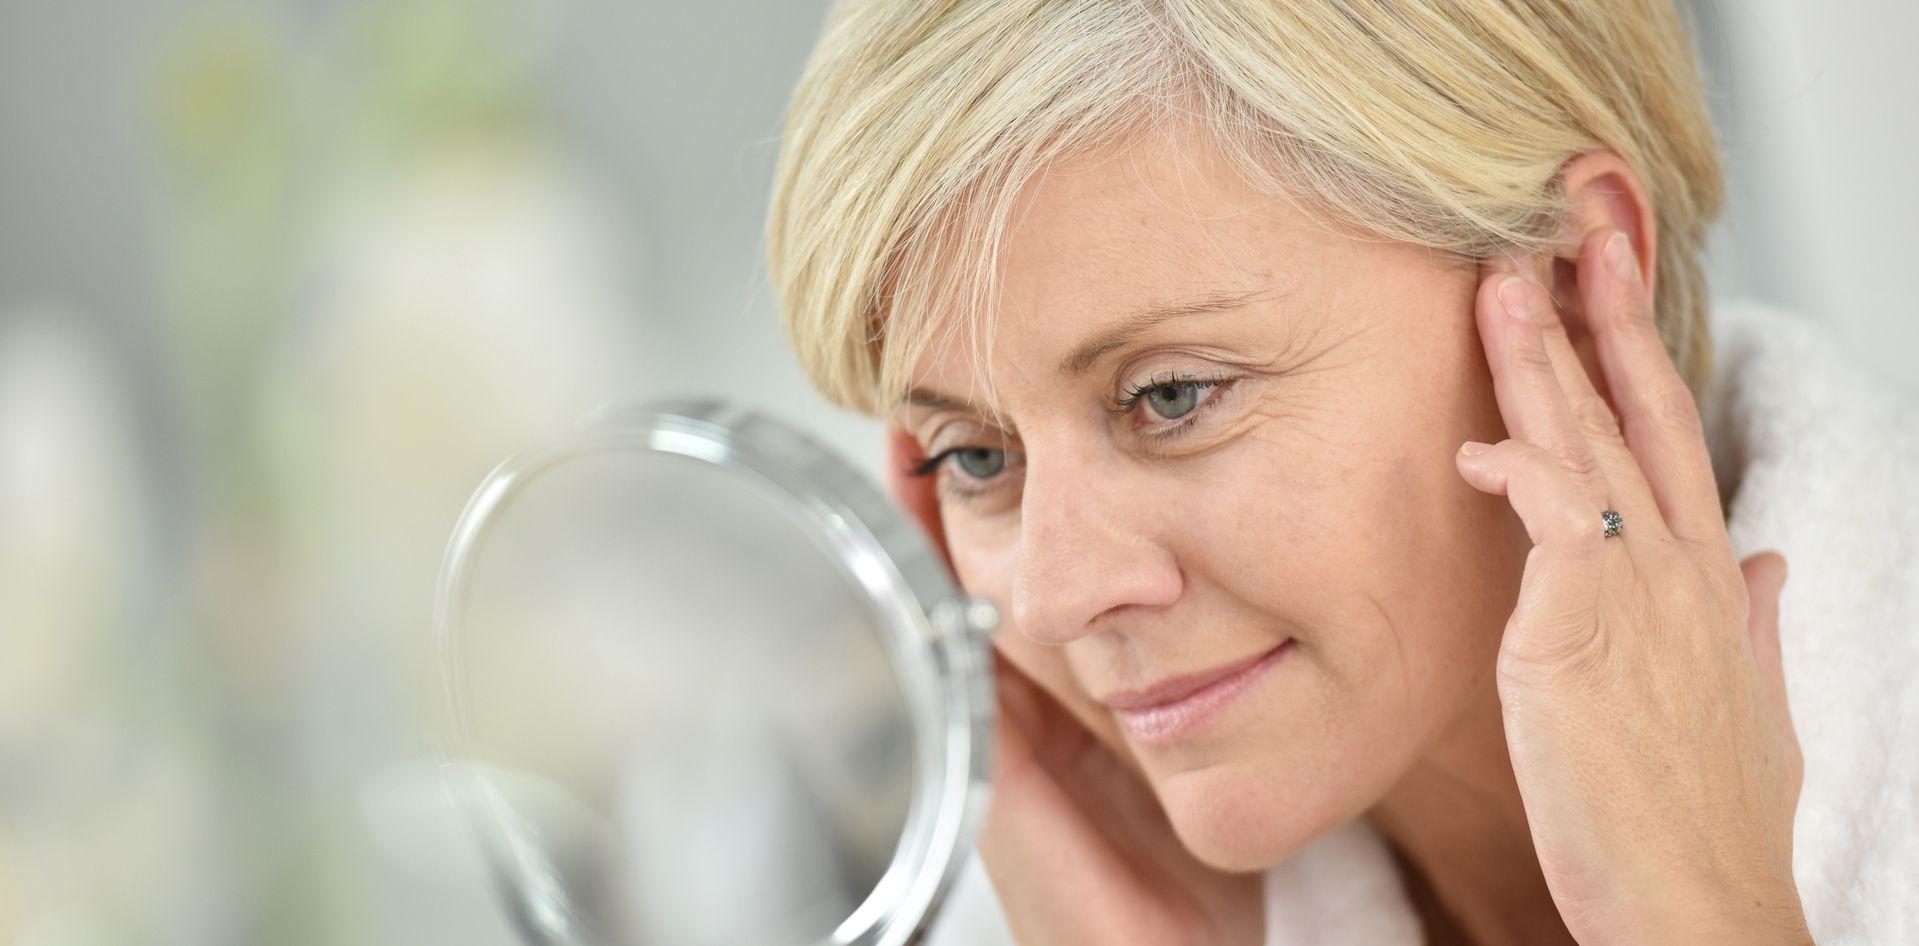 Как ухаживать за кожей, если наступила менопауза